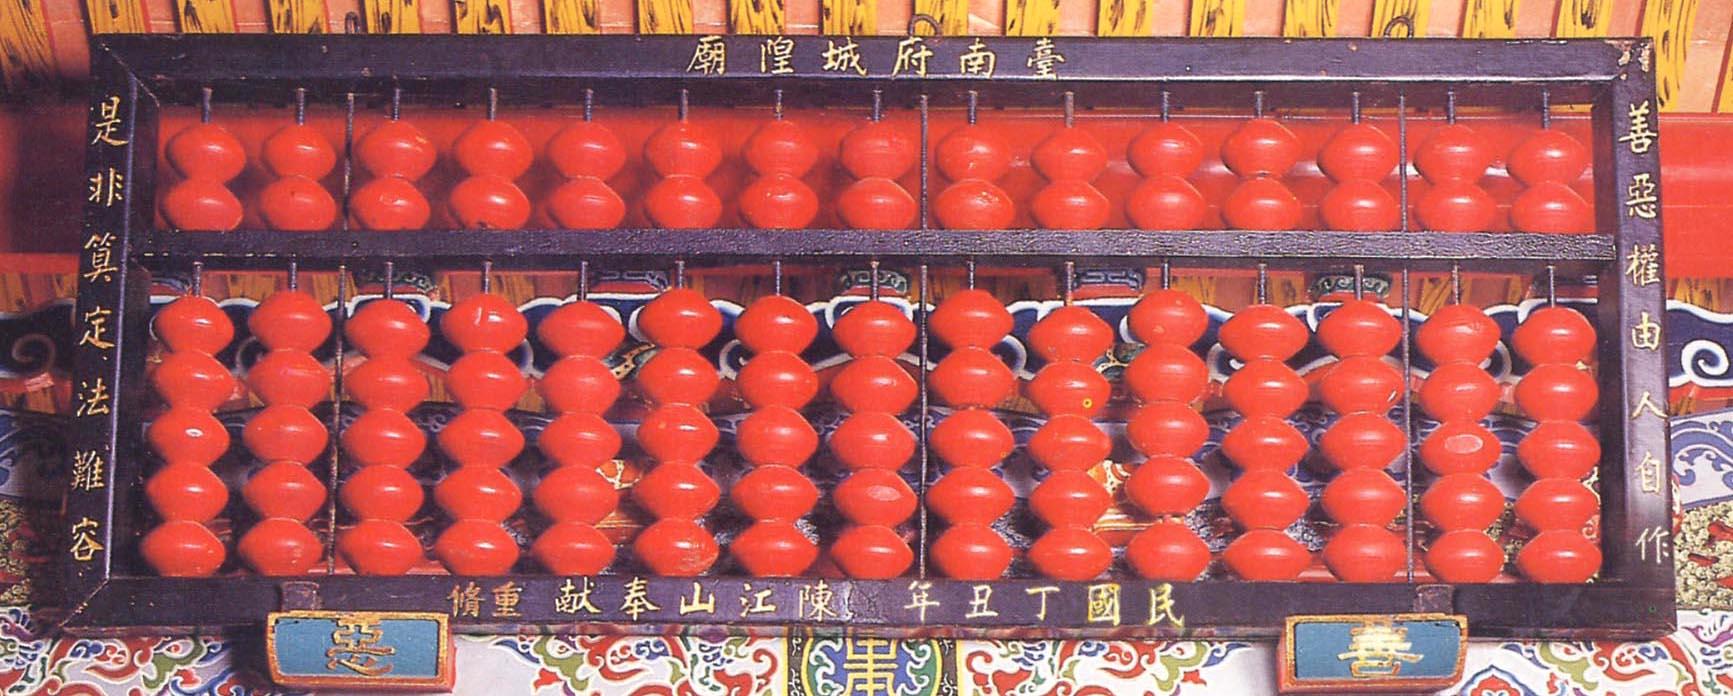 位於台南的臺灣府城隍廟,掛有一個象徵城隍爺「計算人間善惡是非」的算盤,是建築藝術的一部分,也具有警世意味。圖片來源│康豹提供